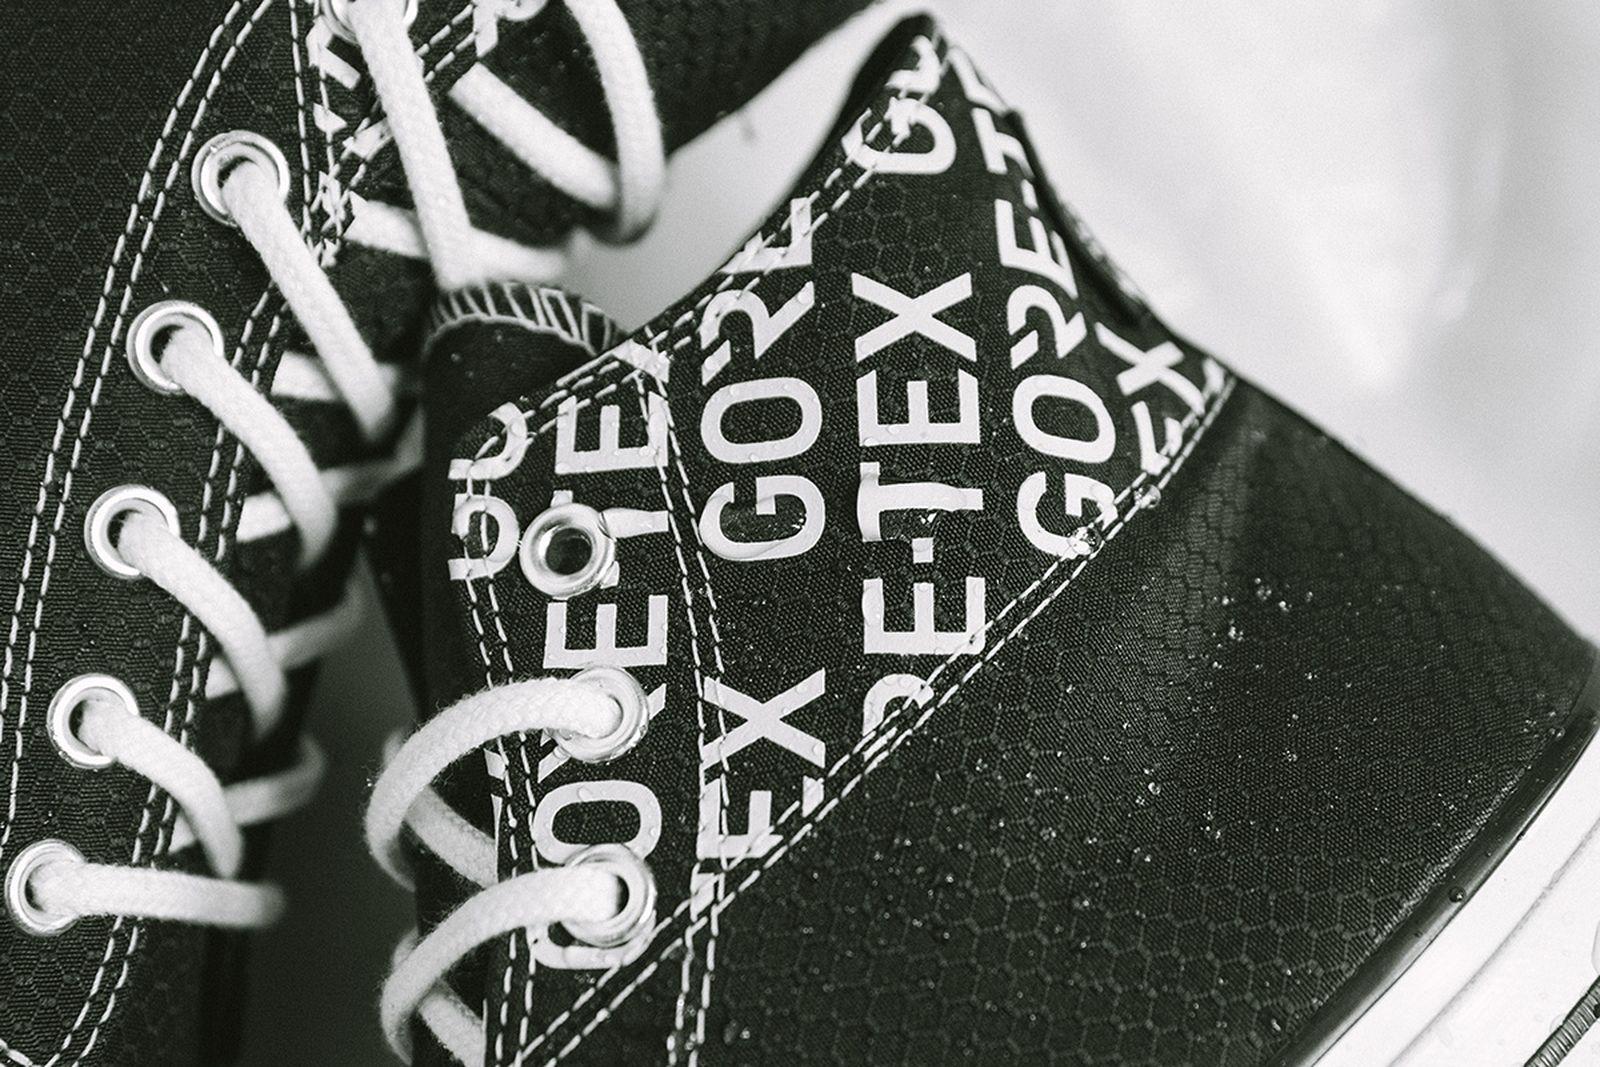 converse chuck 70 hi gore tex release date price gore-tex